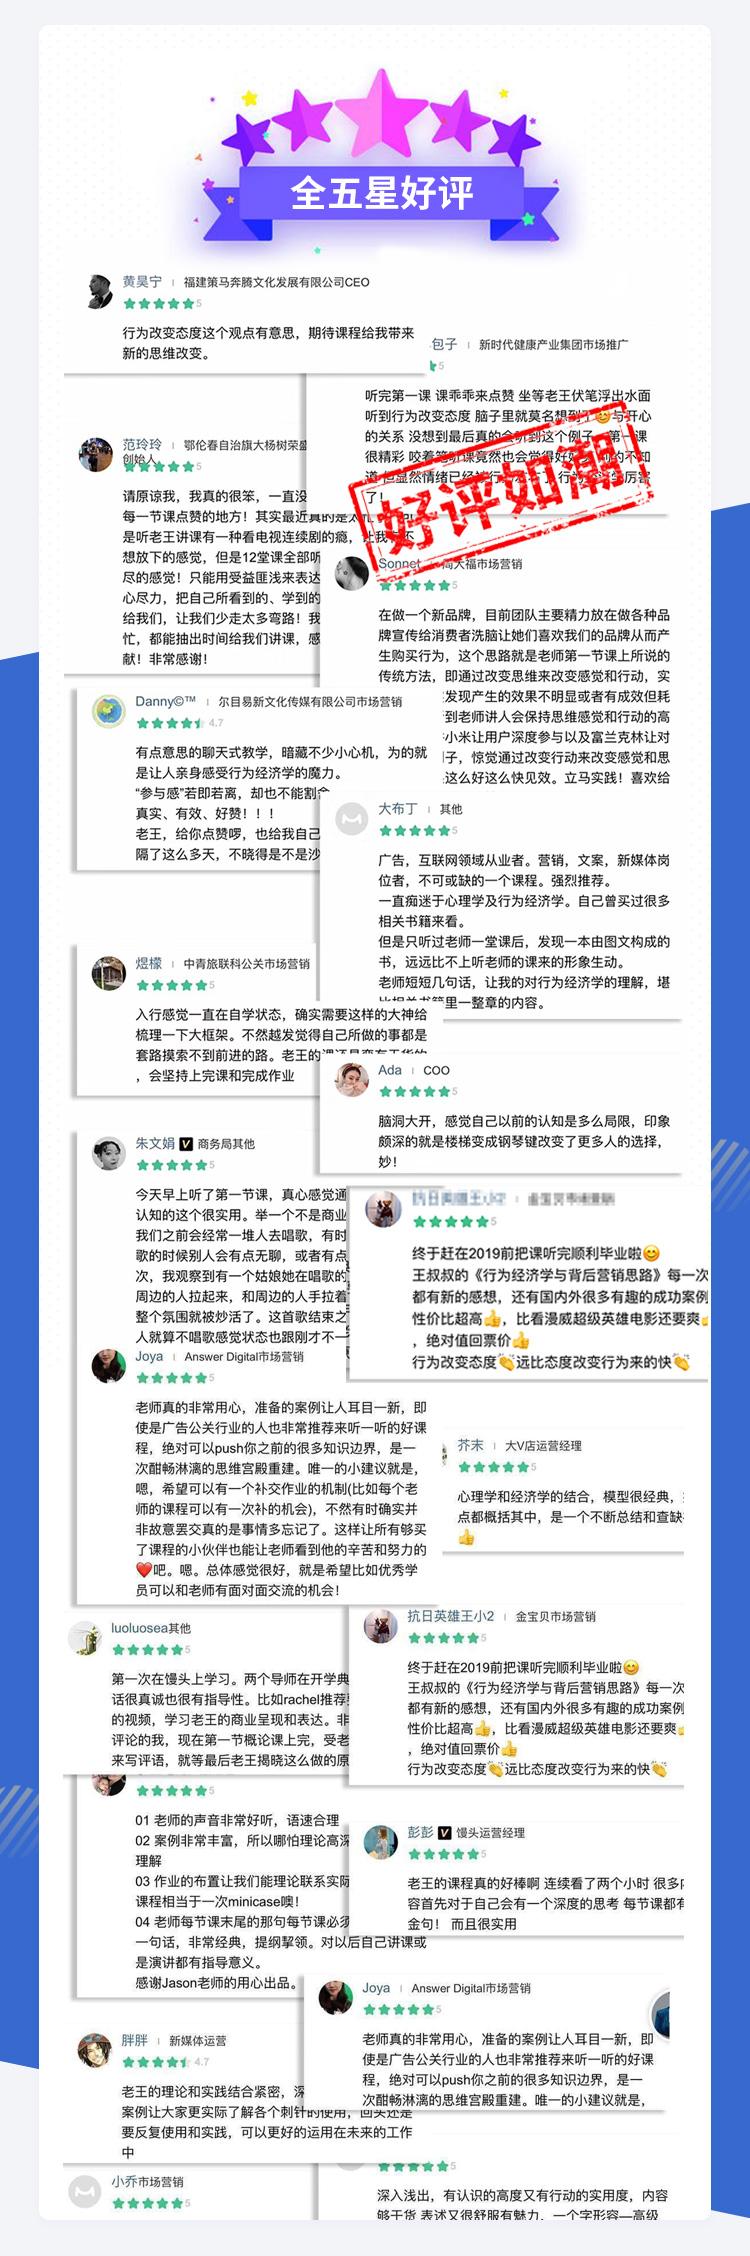 http://mtedu-img.oss-cn-beijing-internal.aliyuncs.com/ueditor/20190626183112_542167.jpg